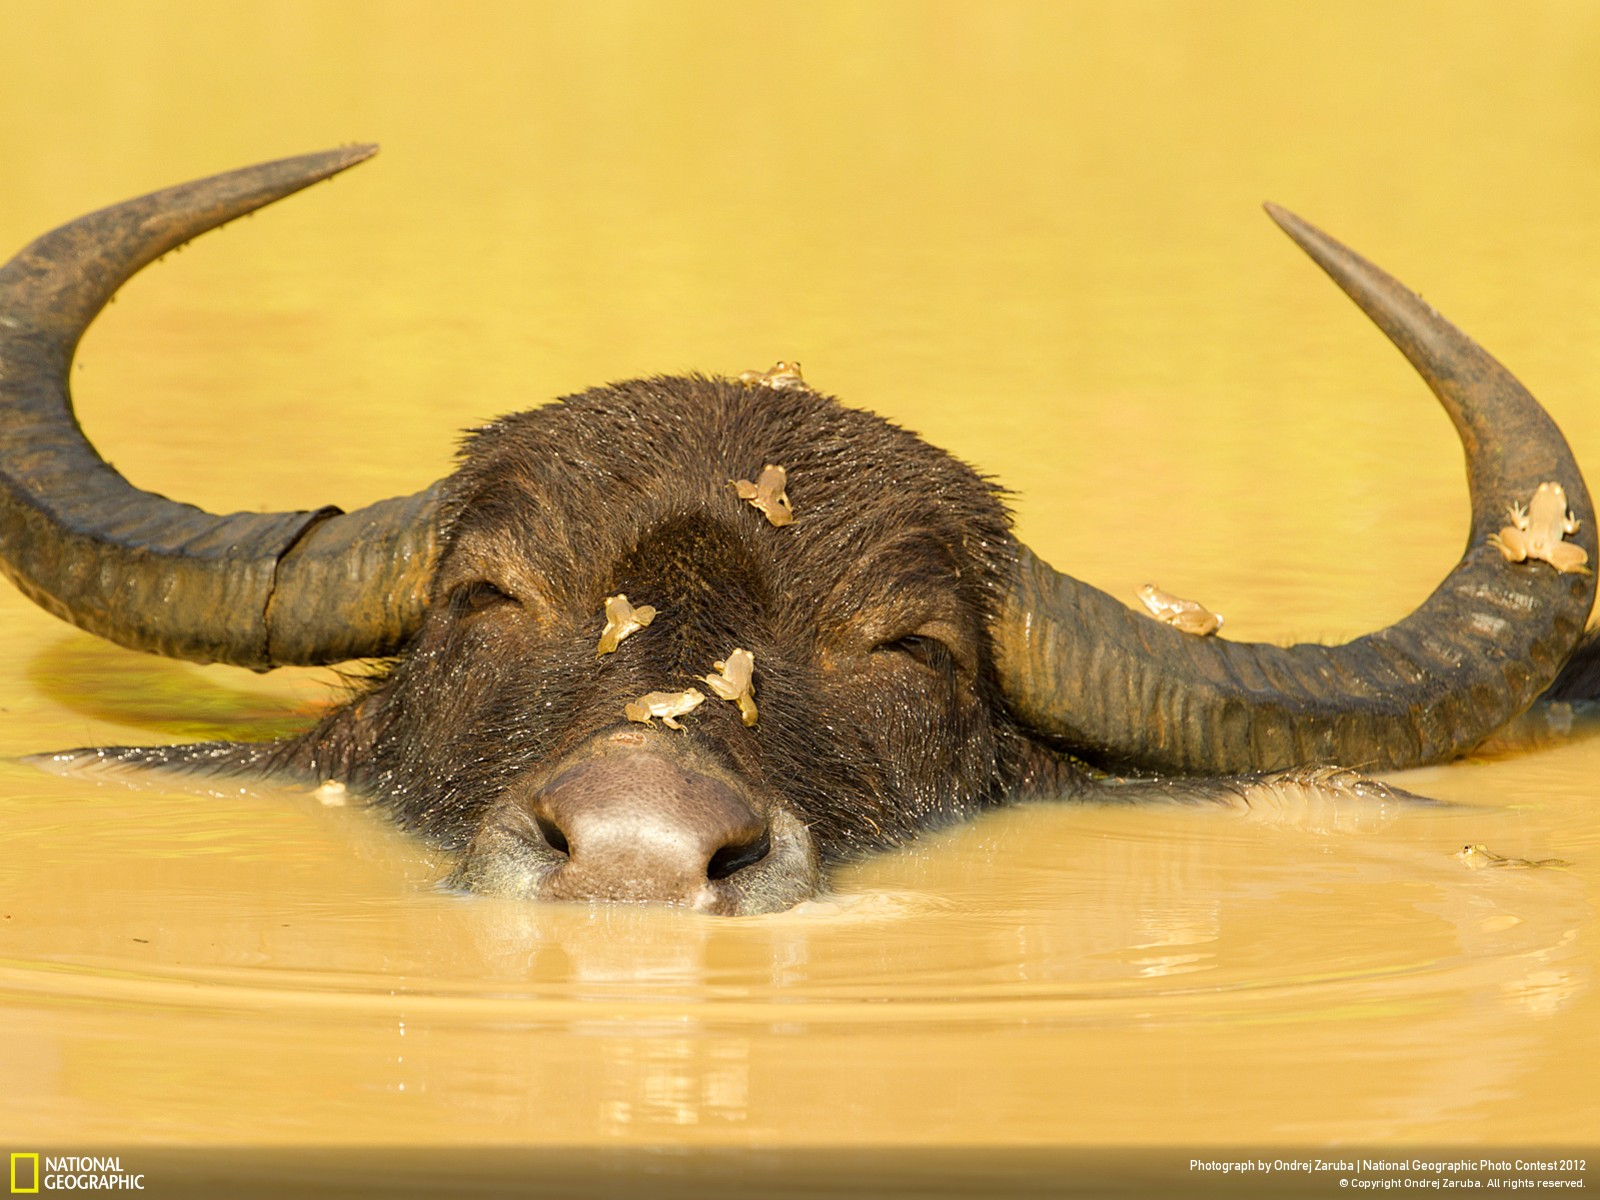 46 Лучшие фотографии за 2012 год по версии National Geographic